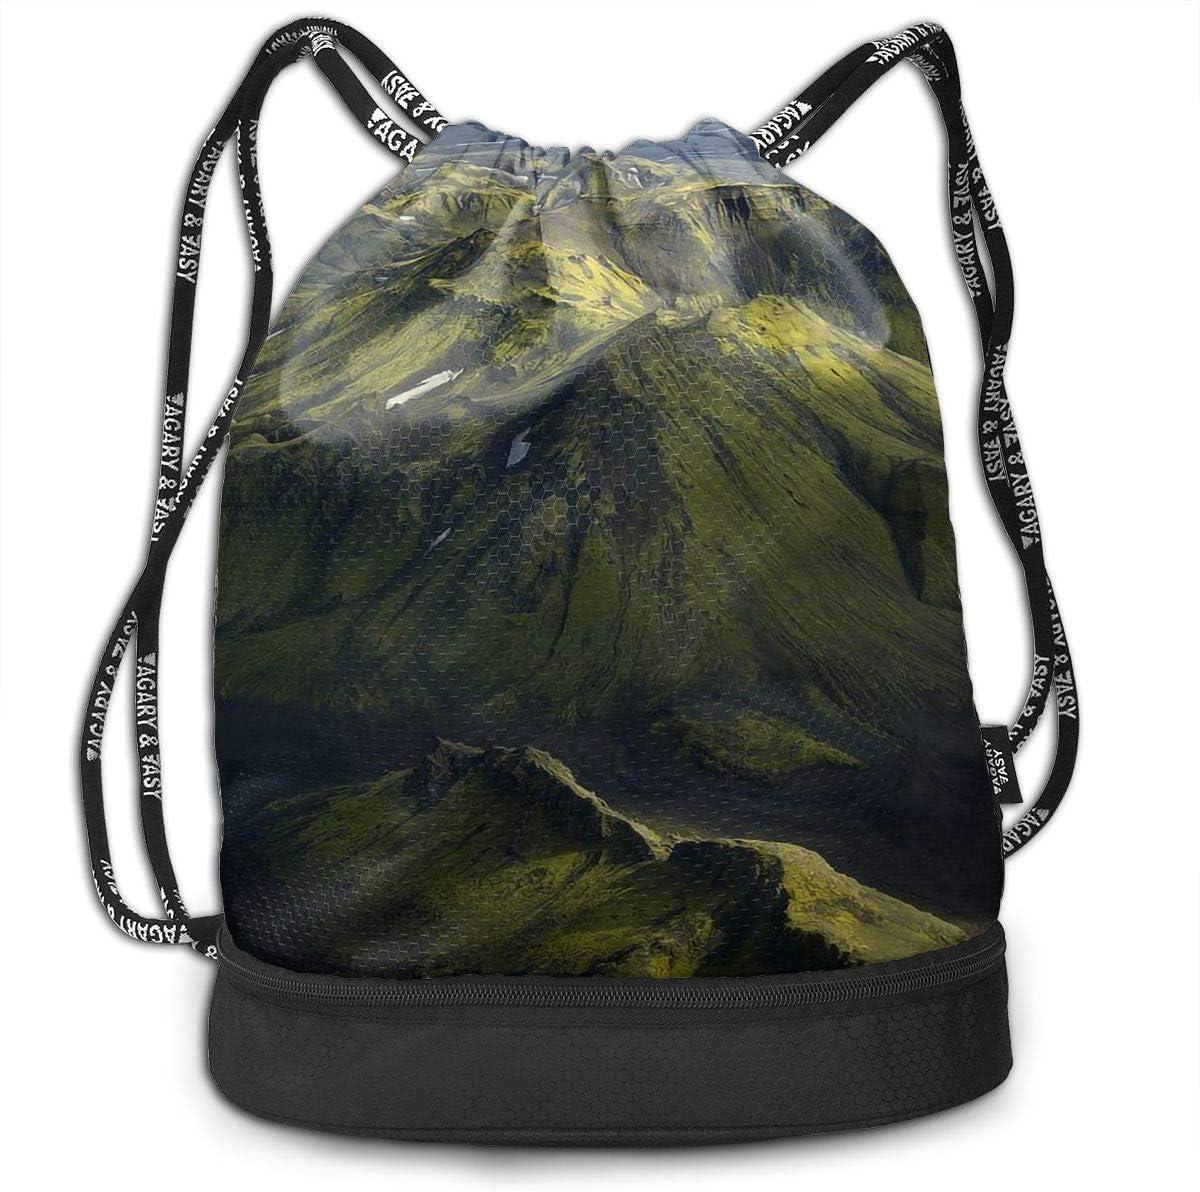 Drawstring Backpack Beautiful Mountains Rucksack